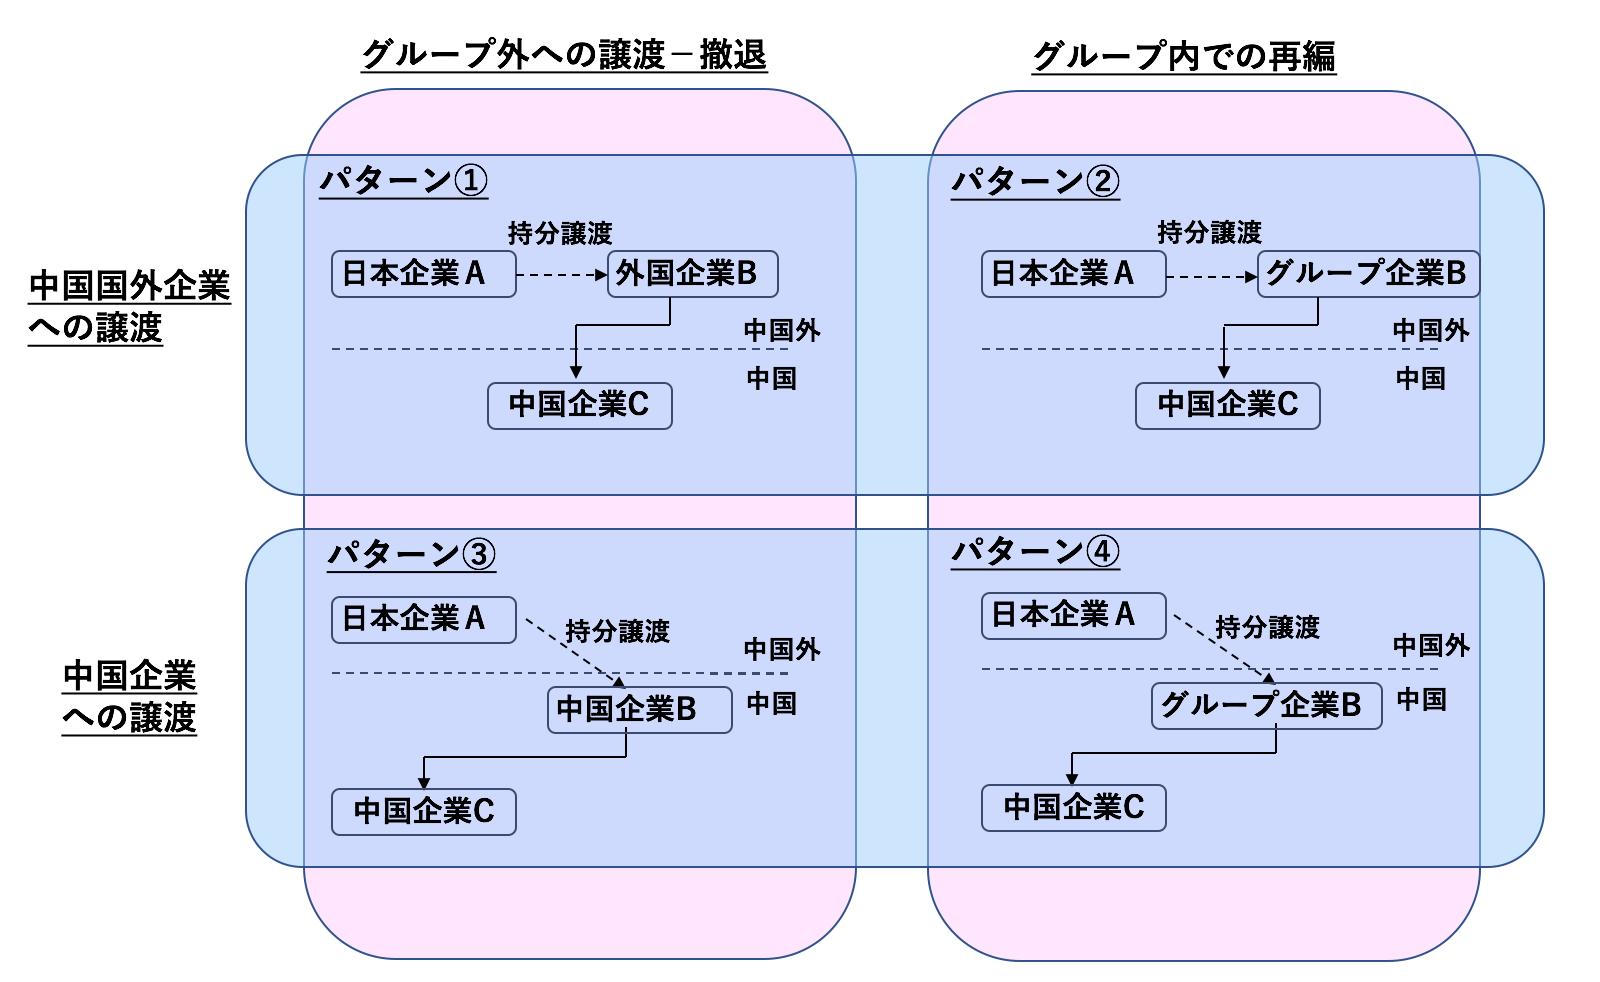 持分譲渡のパターン図